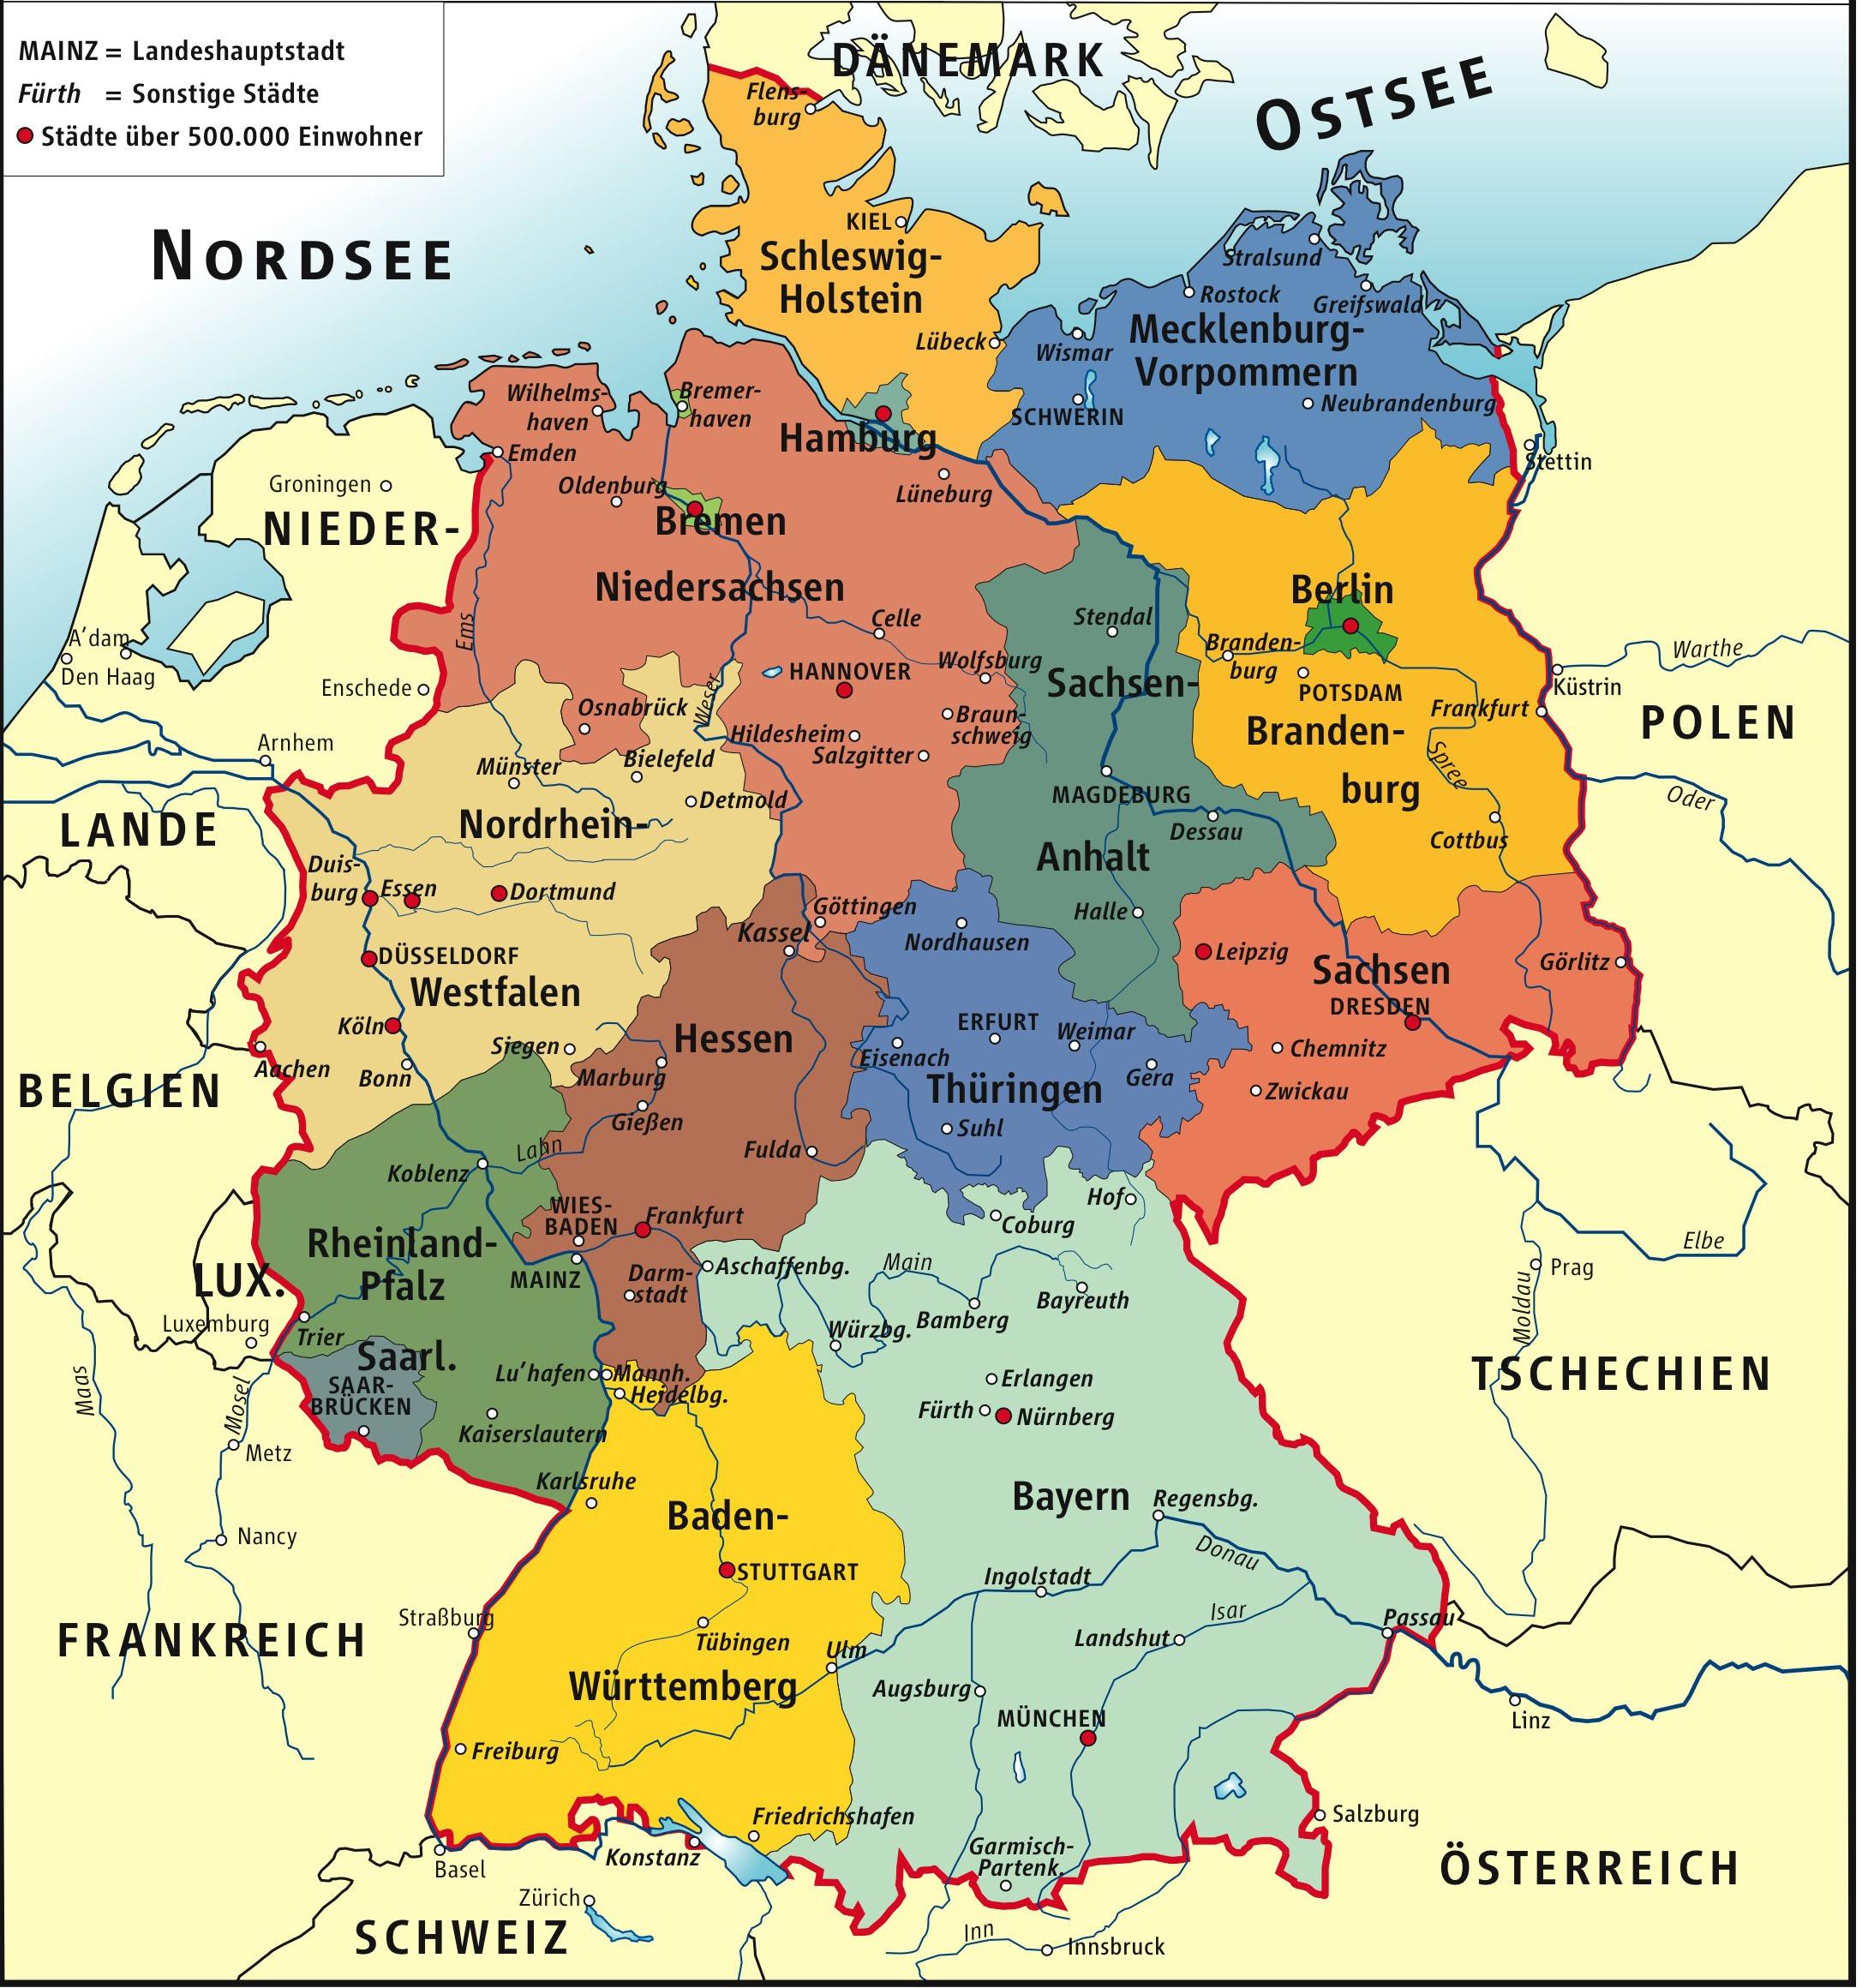 Karta Federalnyh Zemel Germanii